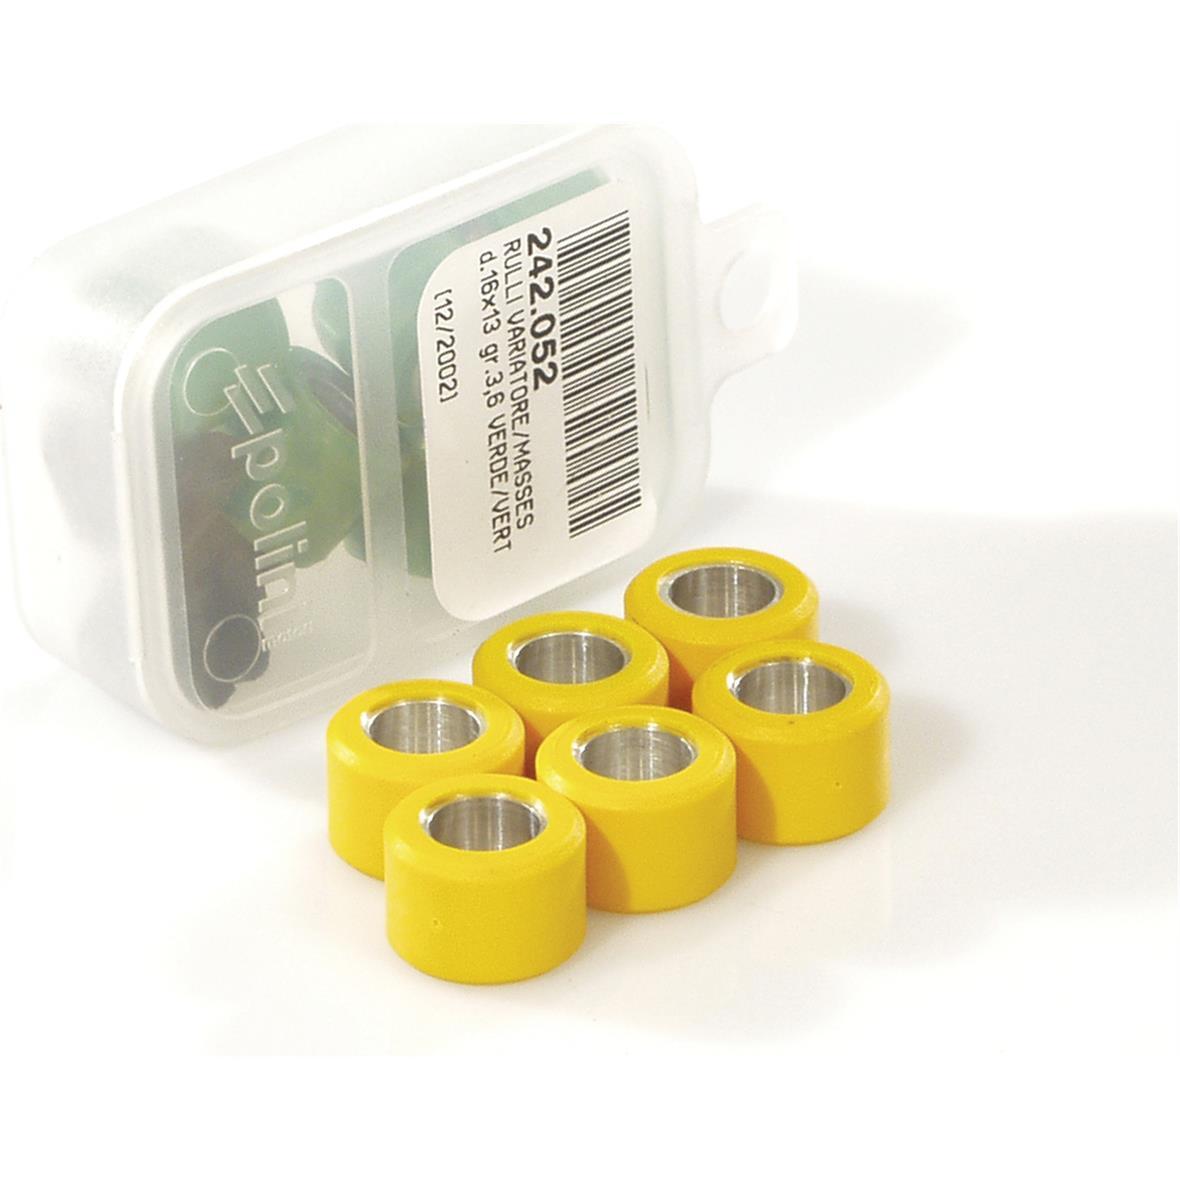 「バリエーター ロール POLINI 20x12 mm 15,4 (グラム)Title」の製品画像